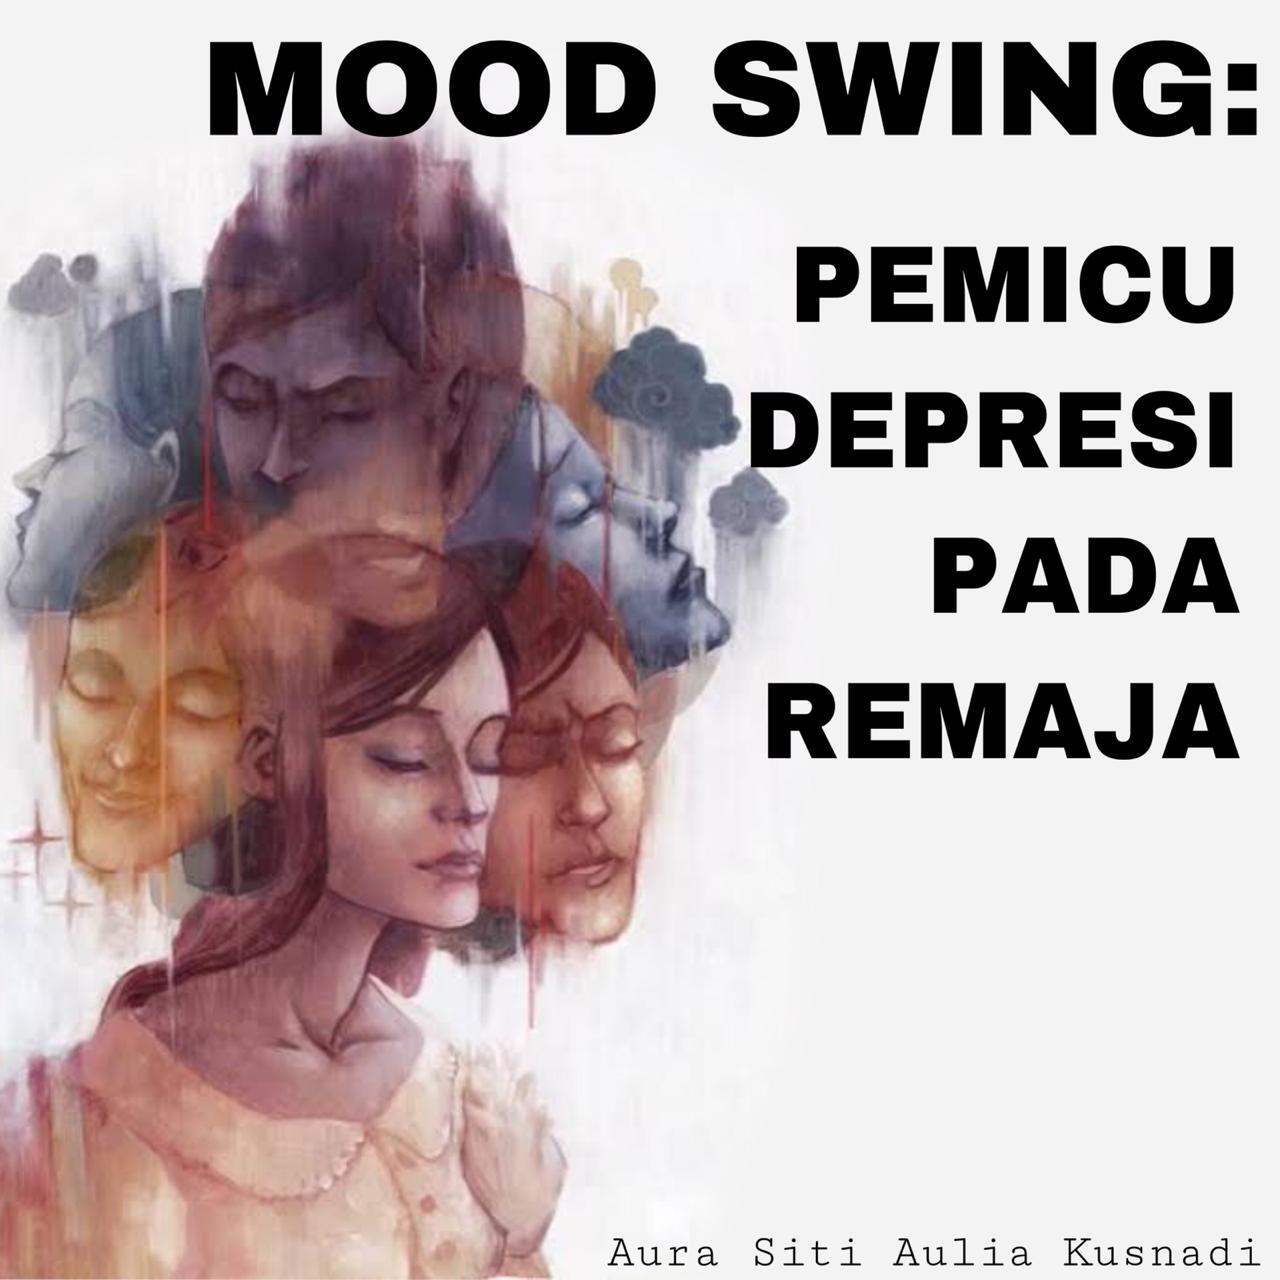 Mood Swing: Pemicu Depresi pada Remaja